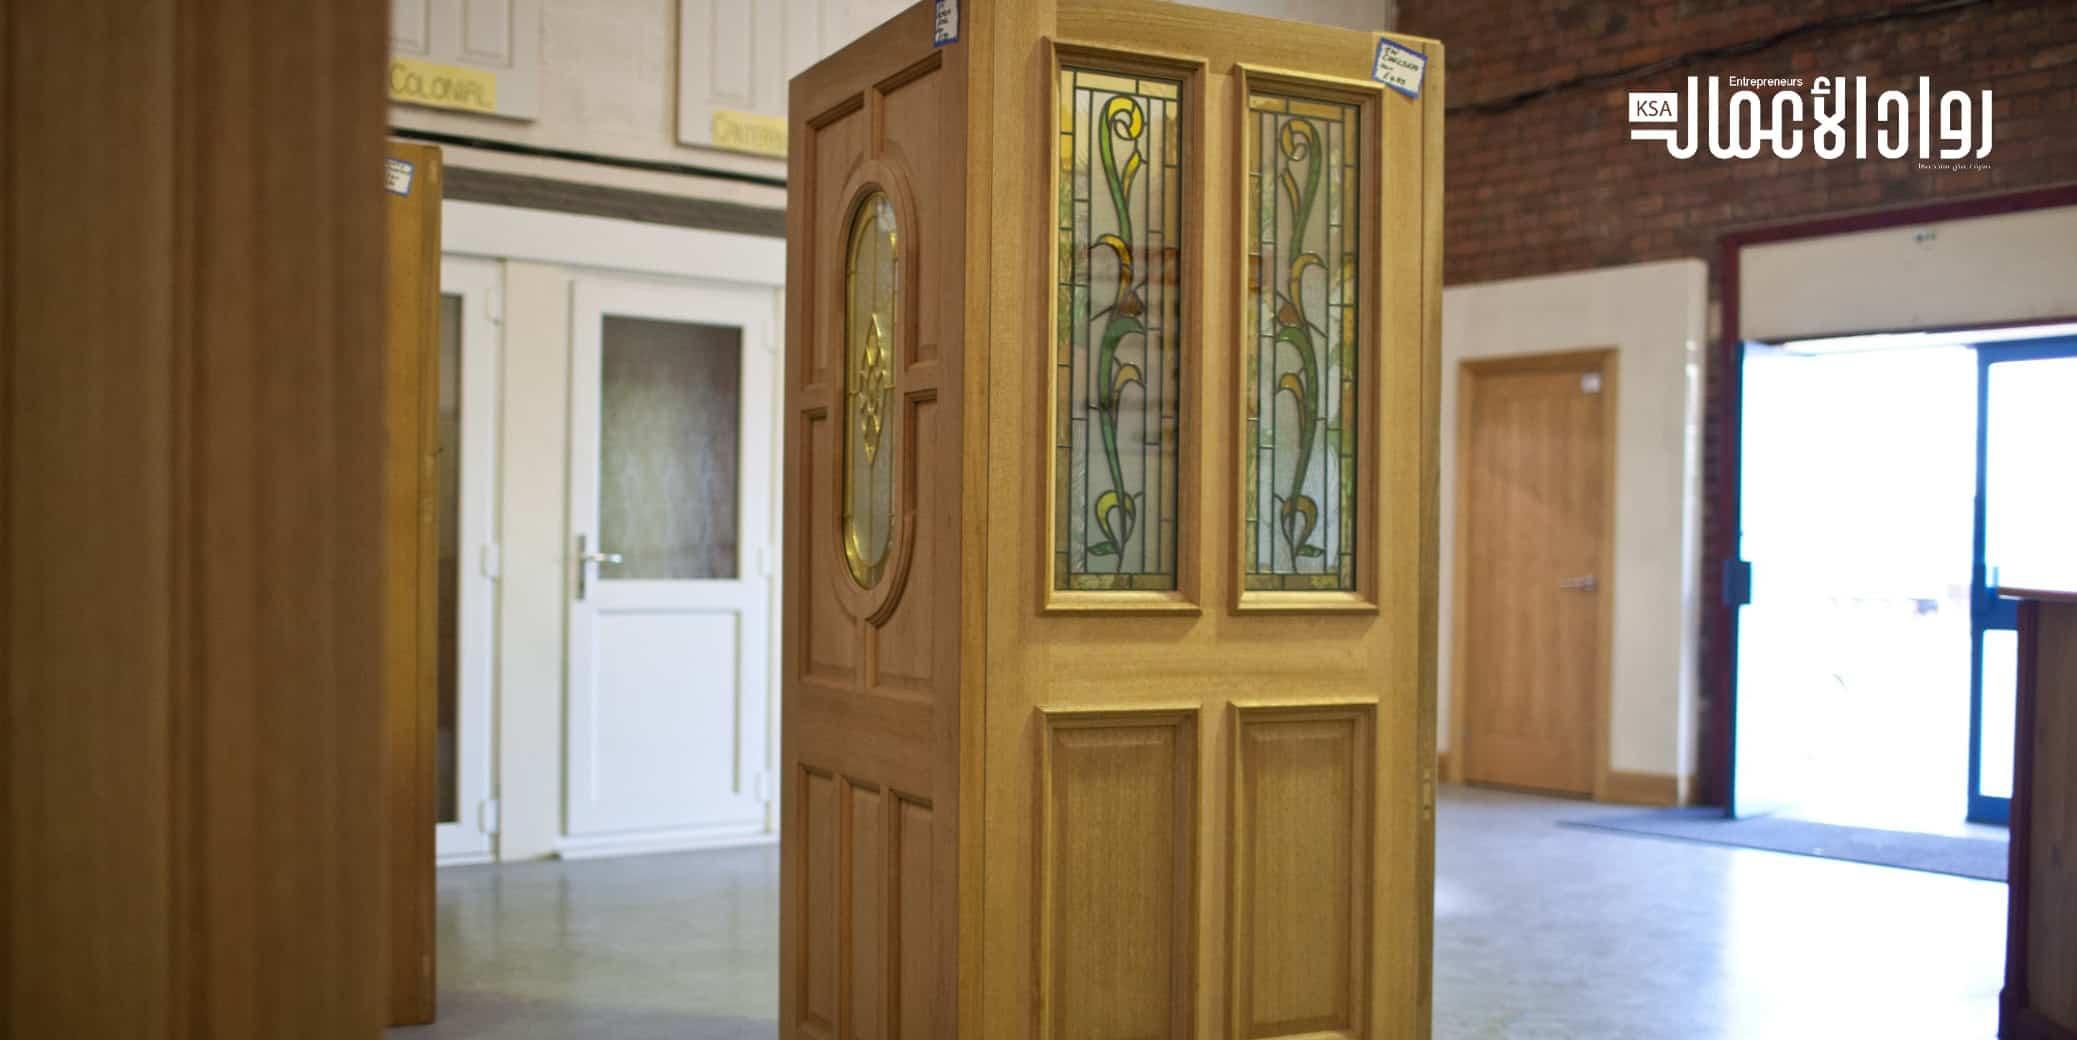 مشروع بيع الأبواب الخشبية